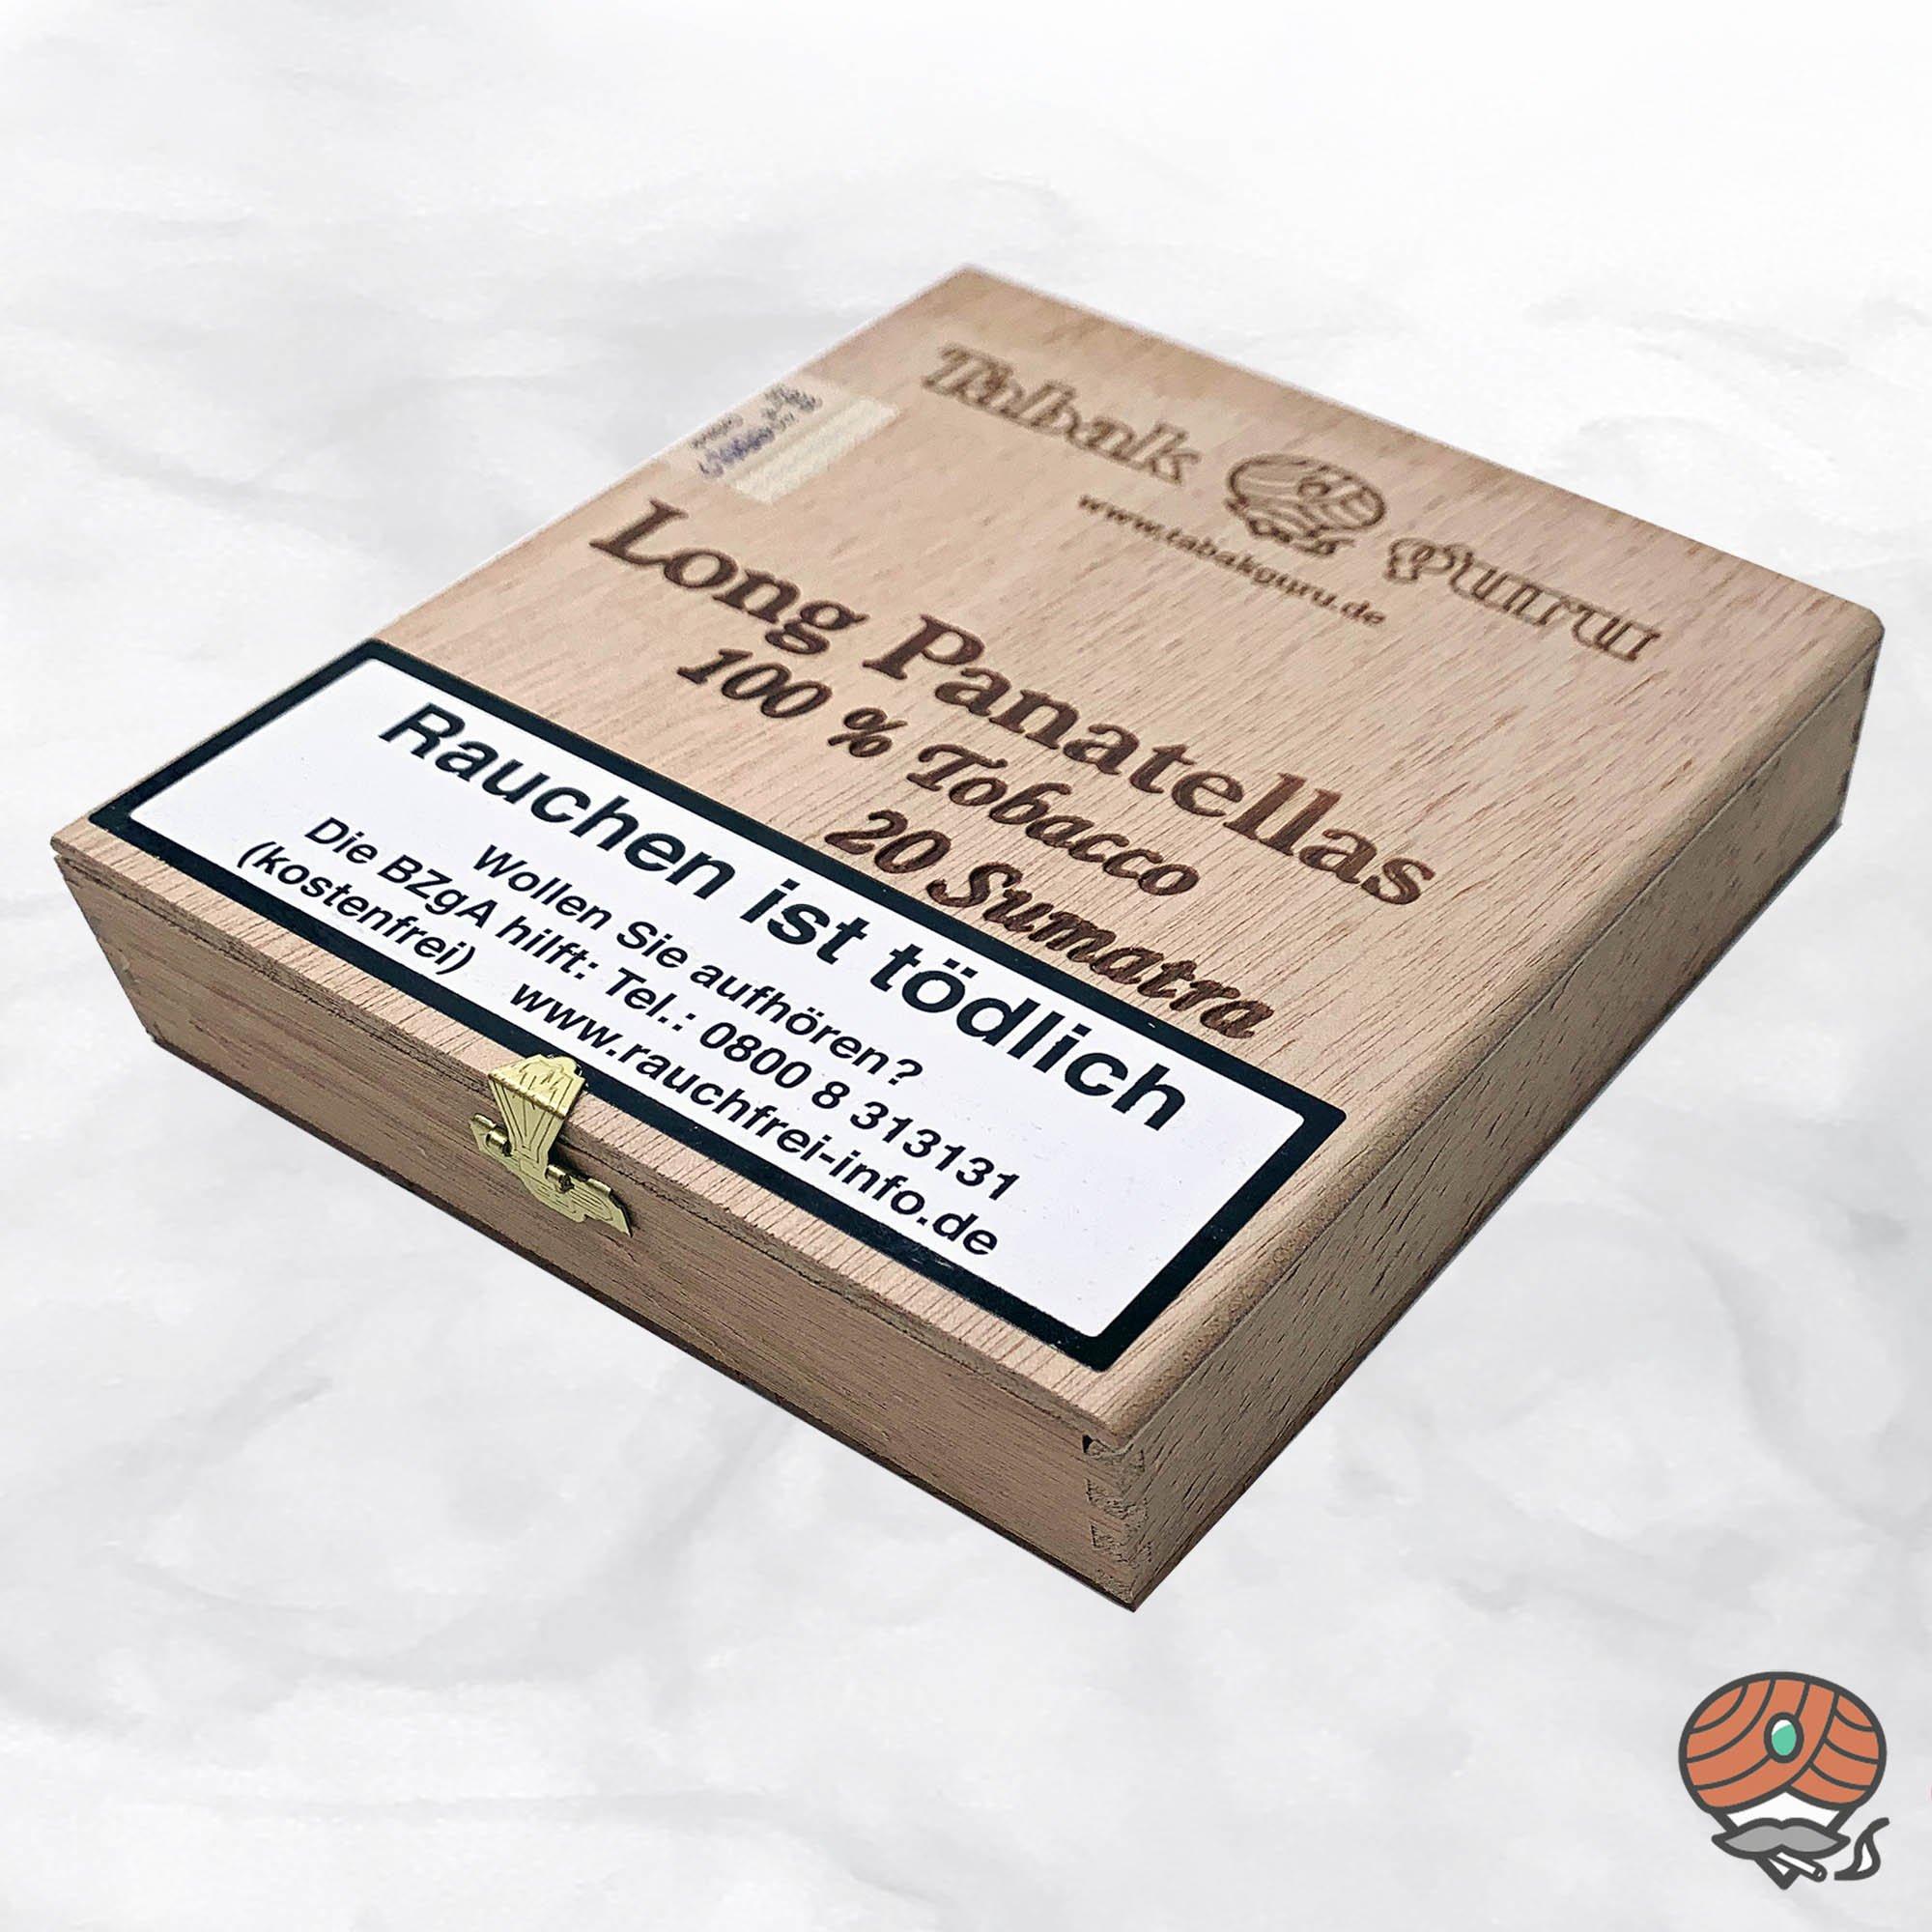 20 Tabakguru Long Panatellas Sumatra Zigarren 100 % Tabak